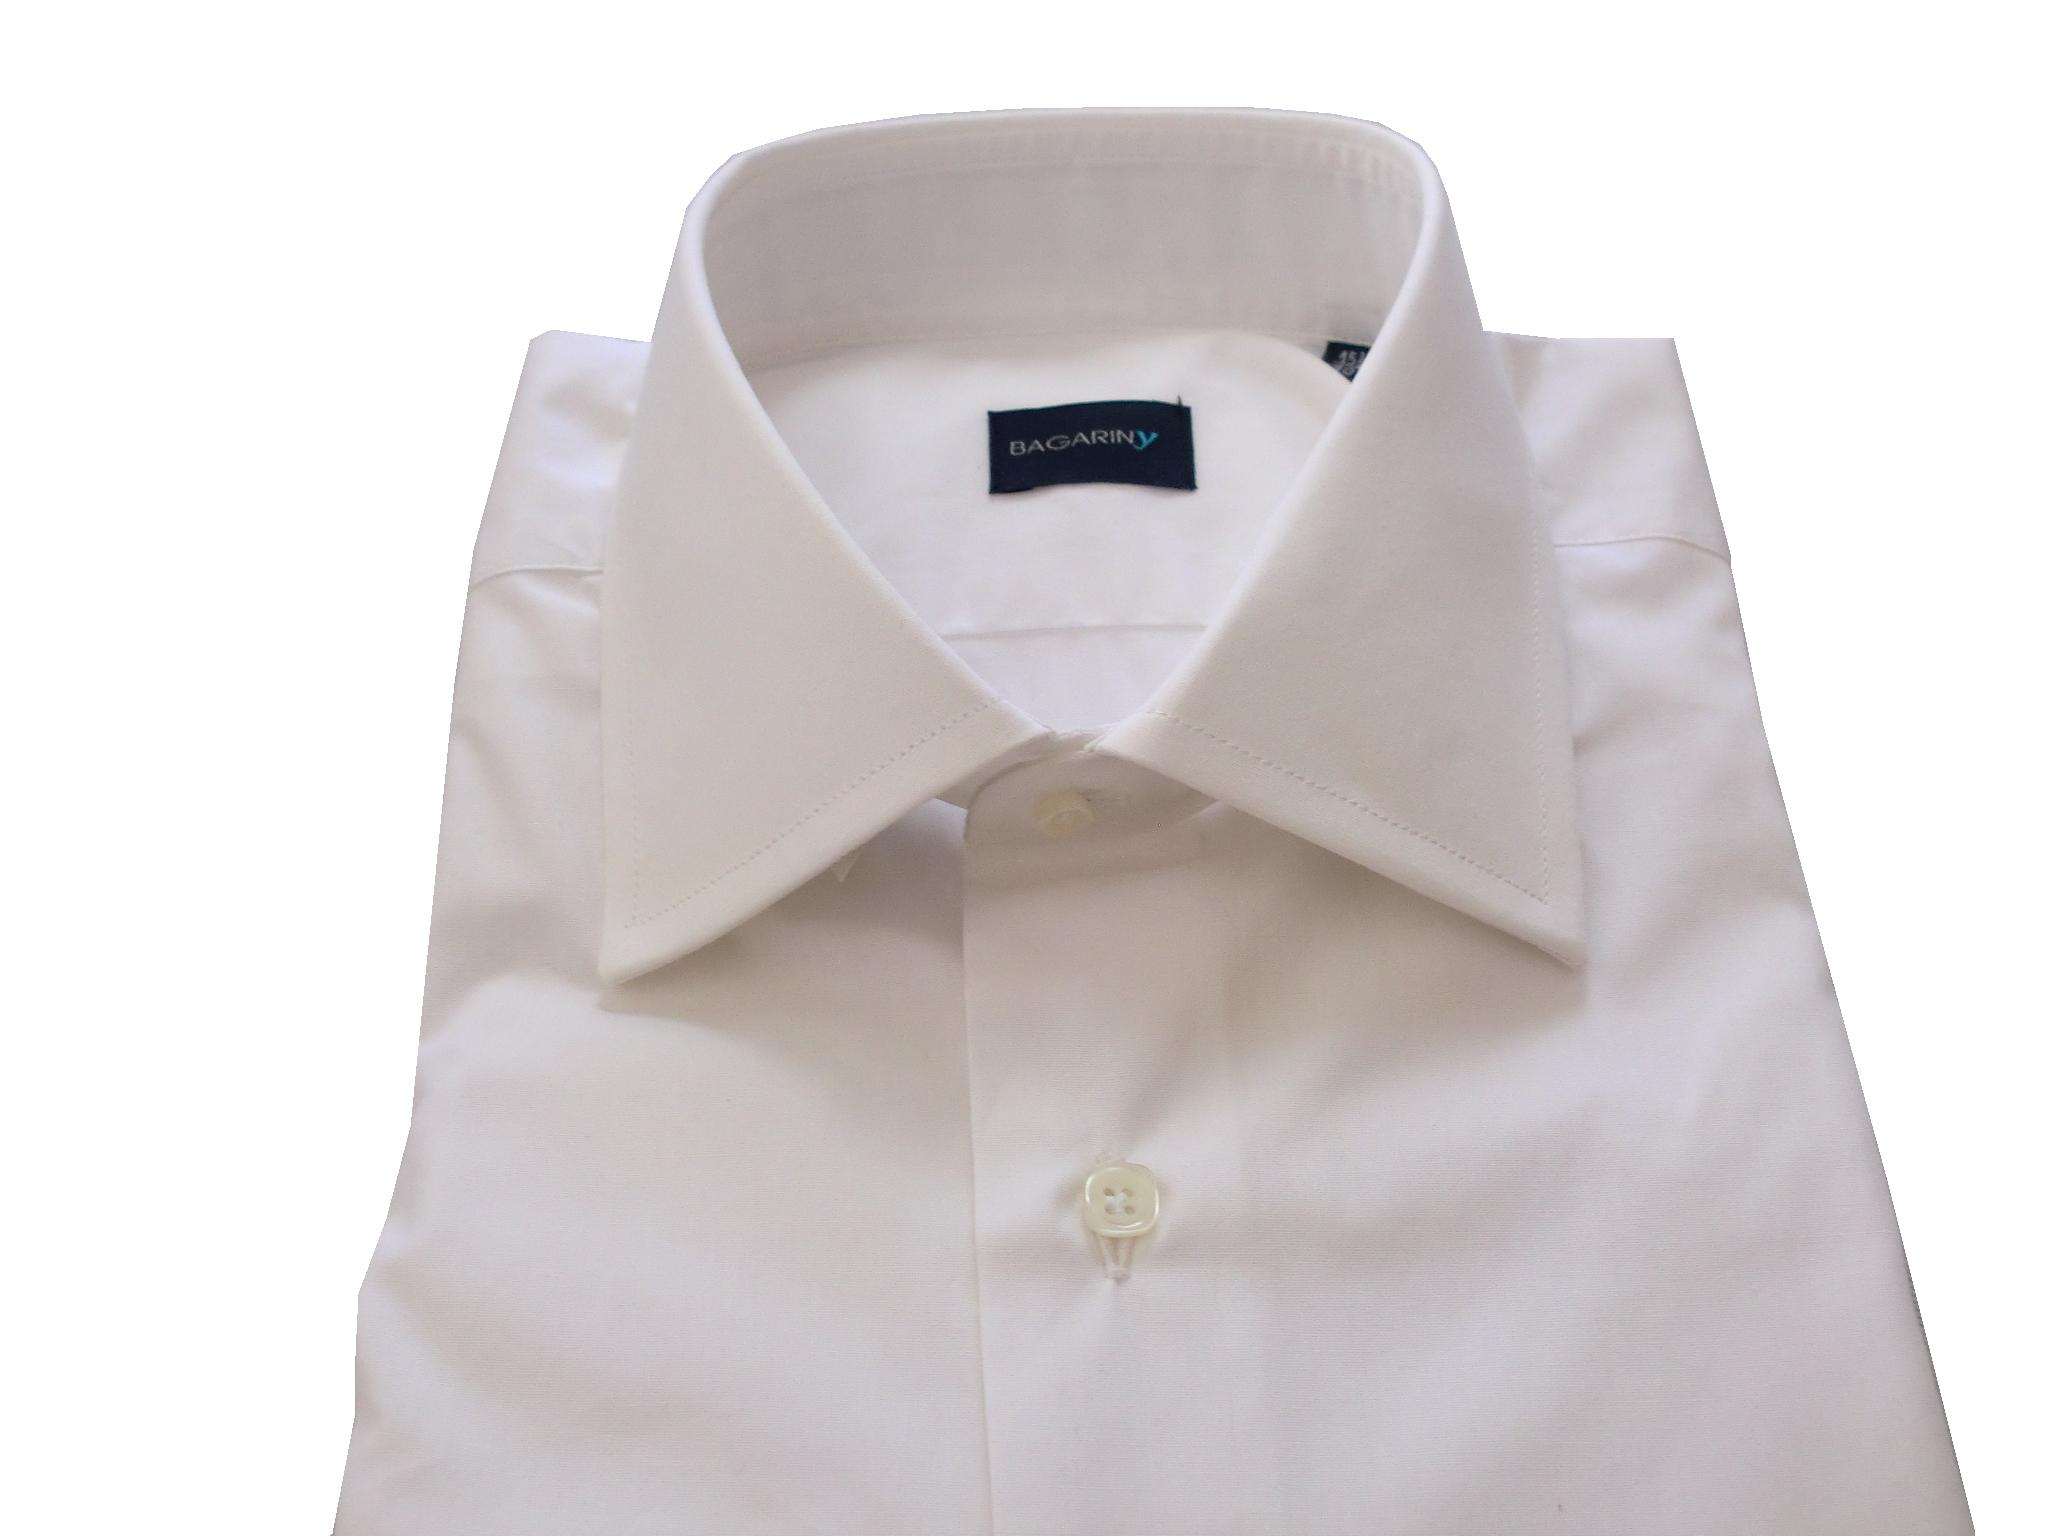 Camicia Uomo artigianale bianca collo francese 100/% cotone fatta a mano